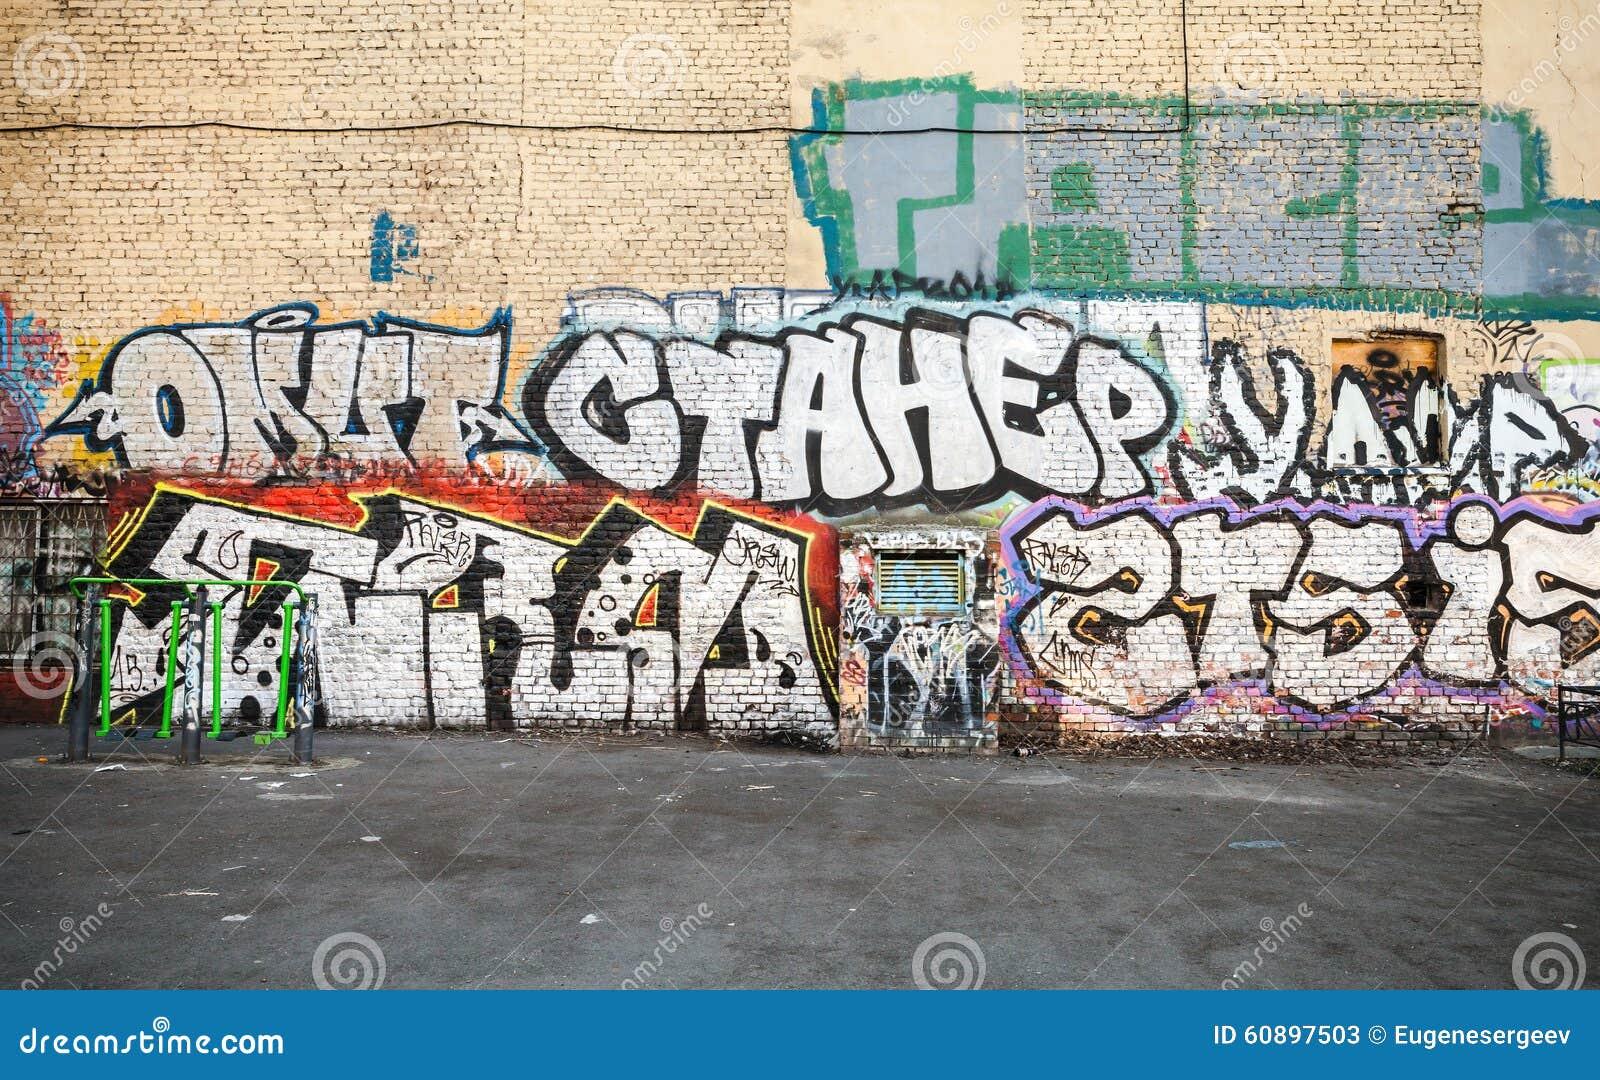 Как сделать граффити с надписью